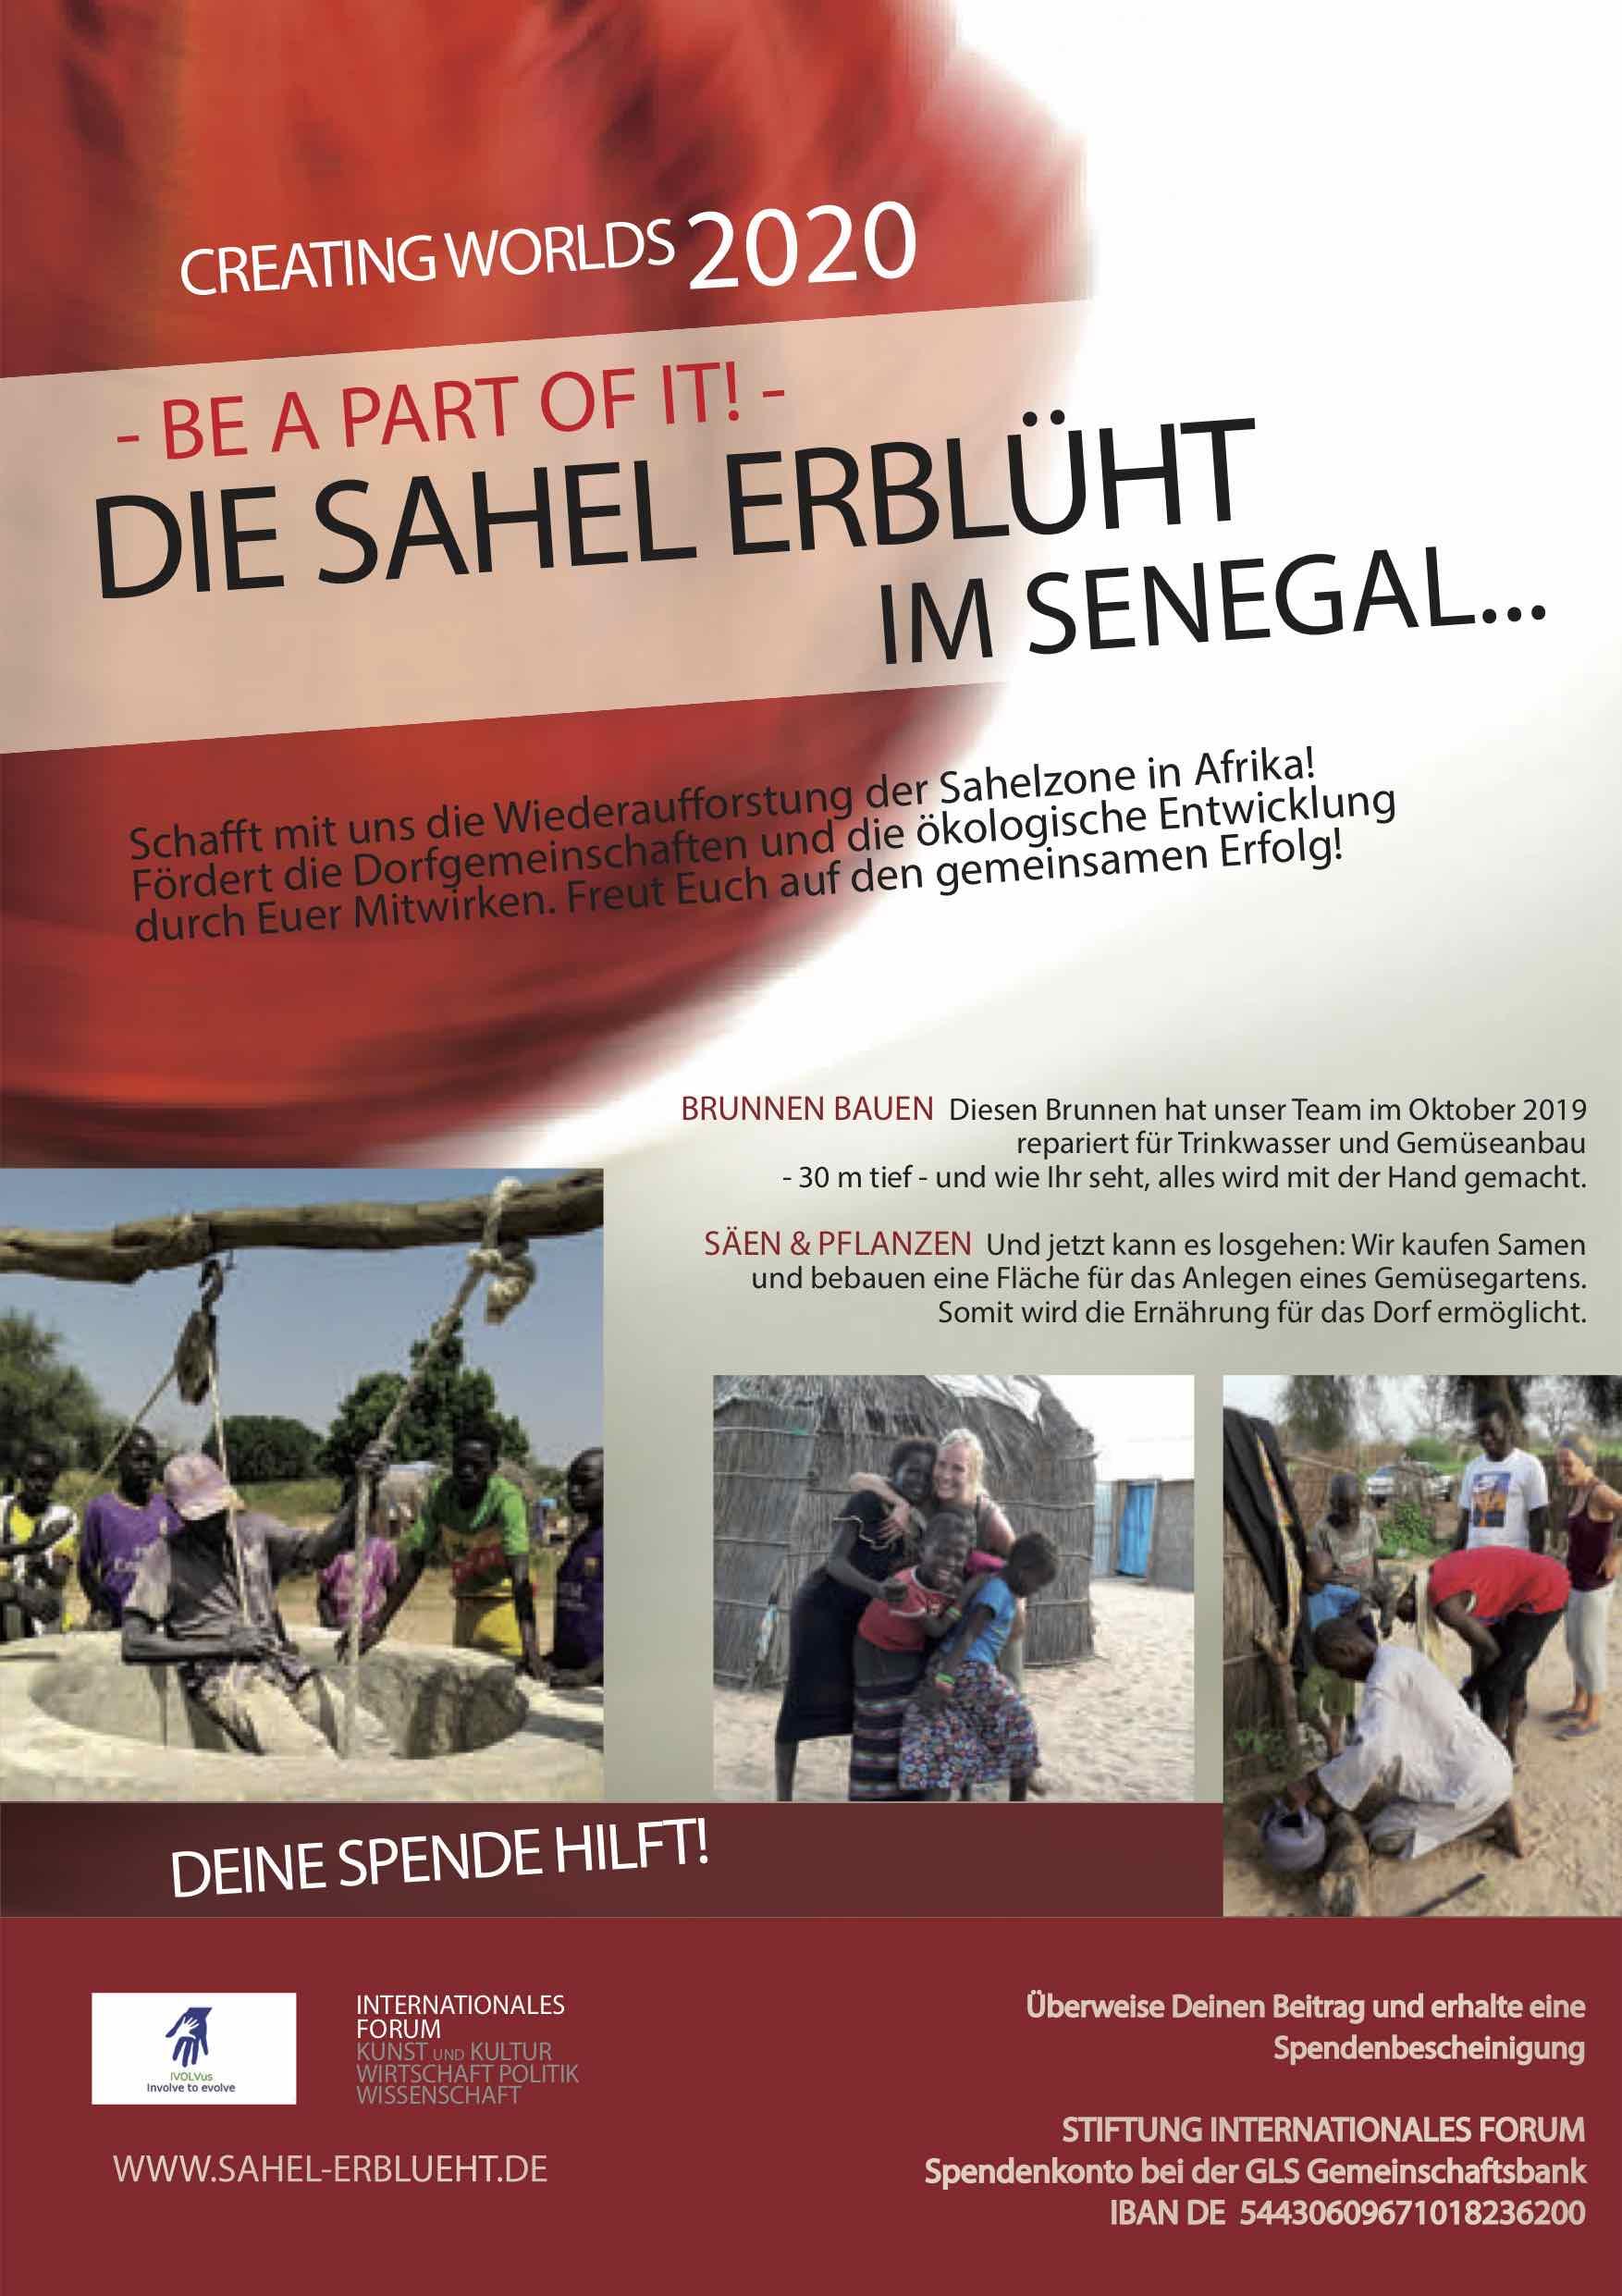 Spende für das Projekt: Die Sahel erblüht